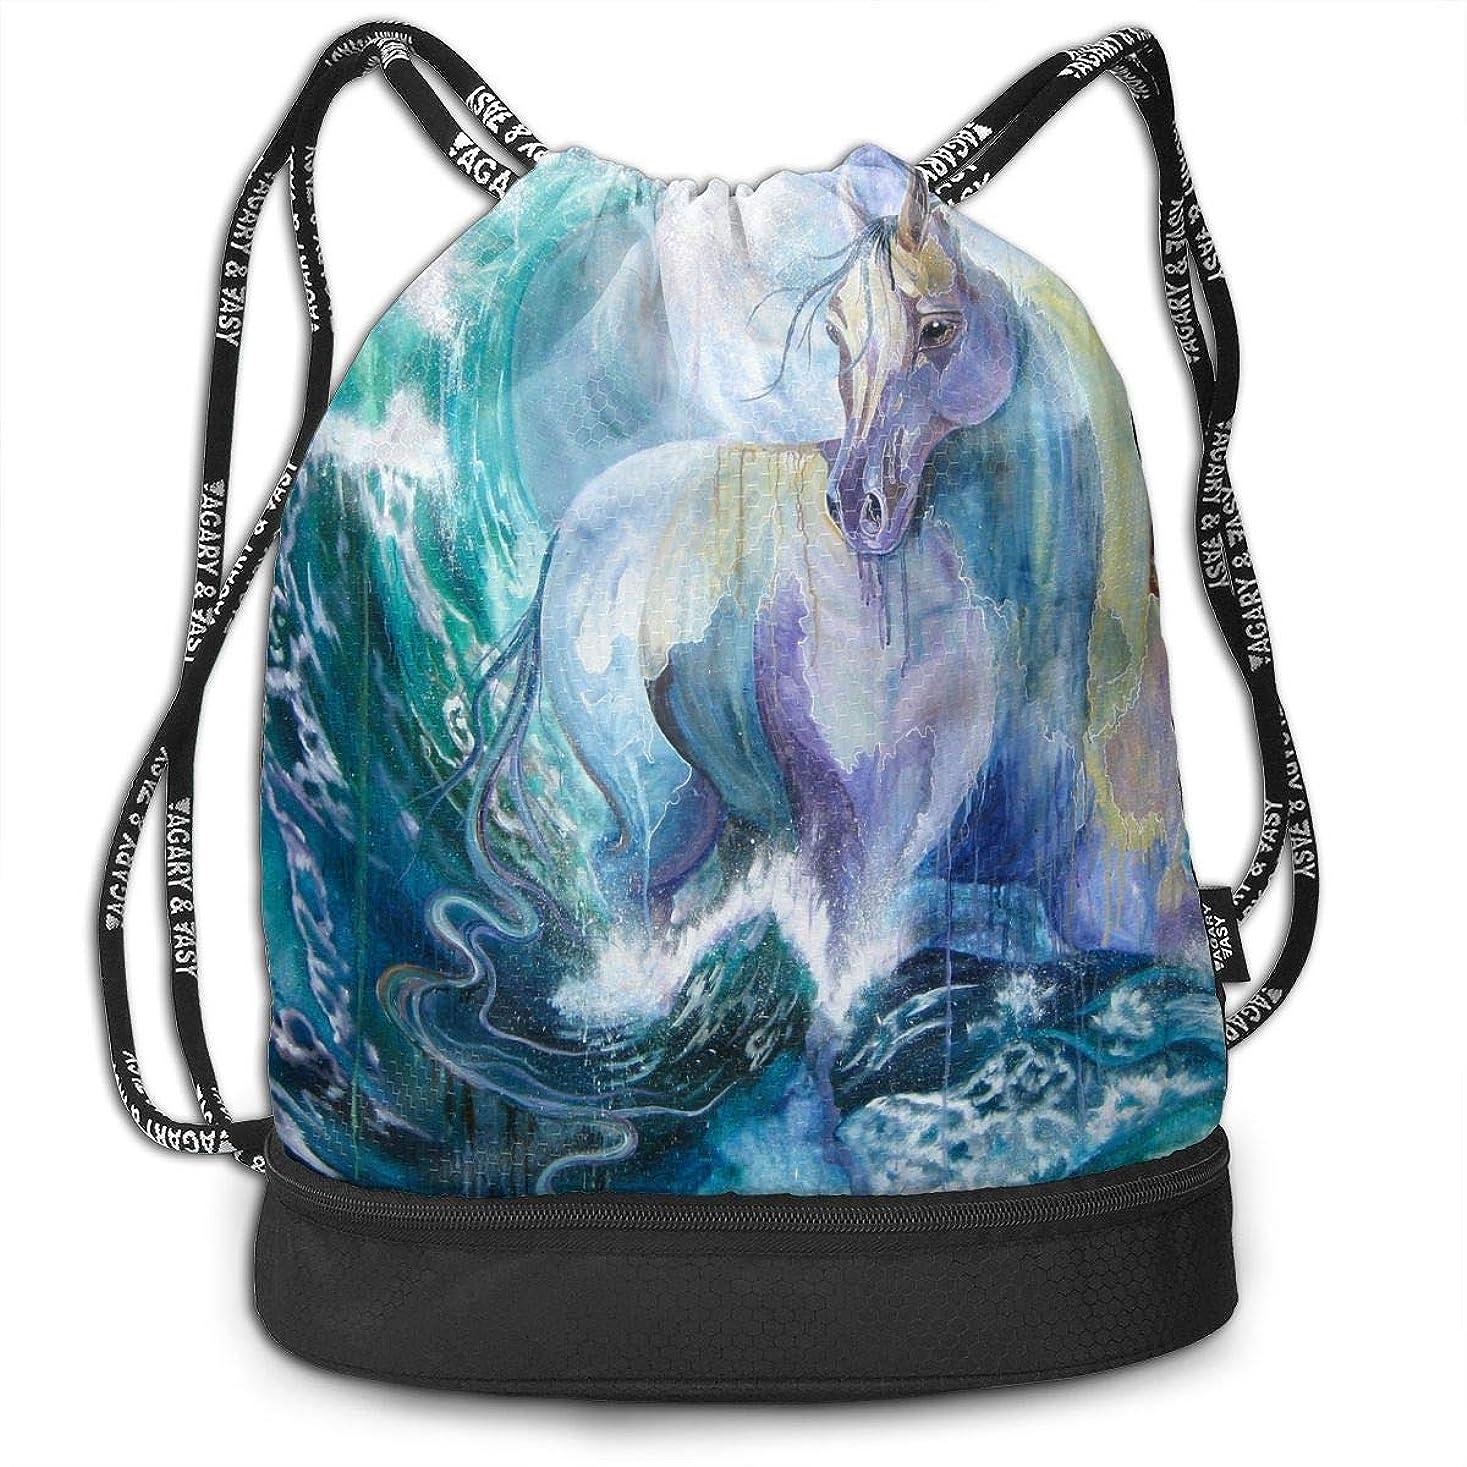 短命ターゲットファイルMM RESON Horse In Aqua And Lilac Seafoam 巾着袋 ジムサック ビーチバッグ バックパック リュックサック ナップサック ビーム ポート ショッピングバッグ スポーツバッグ トレーニングバッグ アウトドア 登山旅行 男女兼用 多機能 収納 軽量 大容量